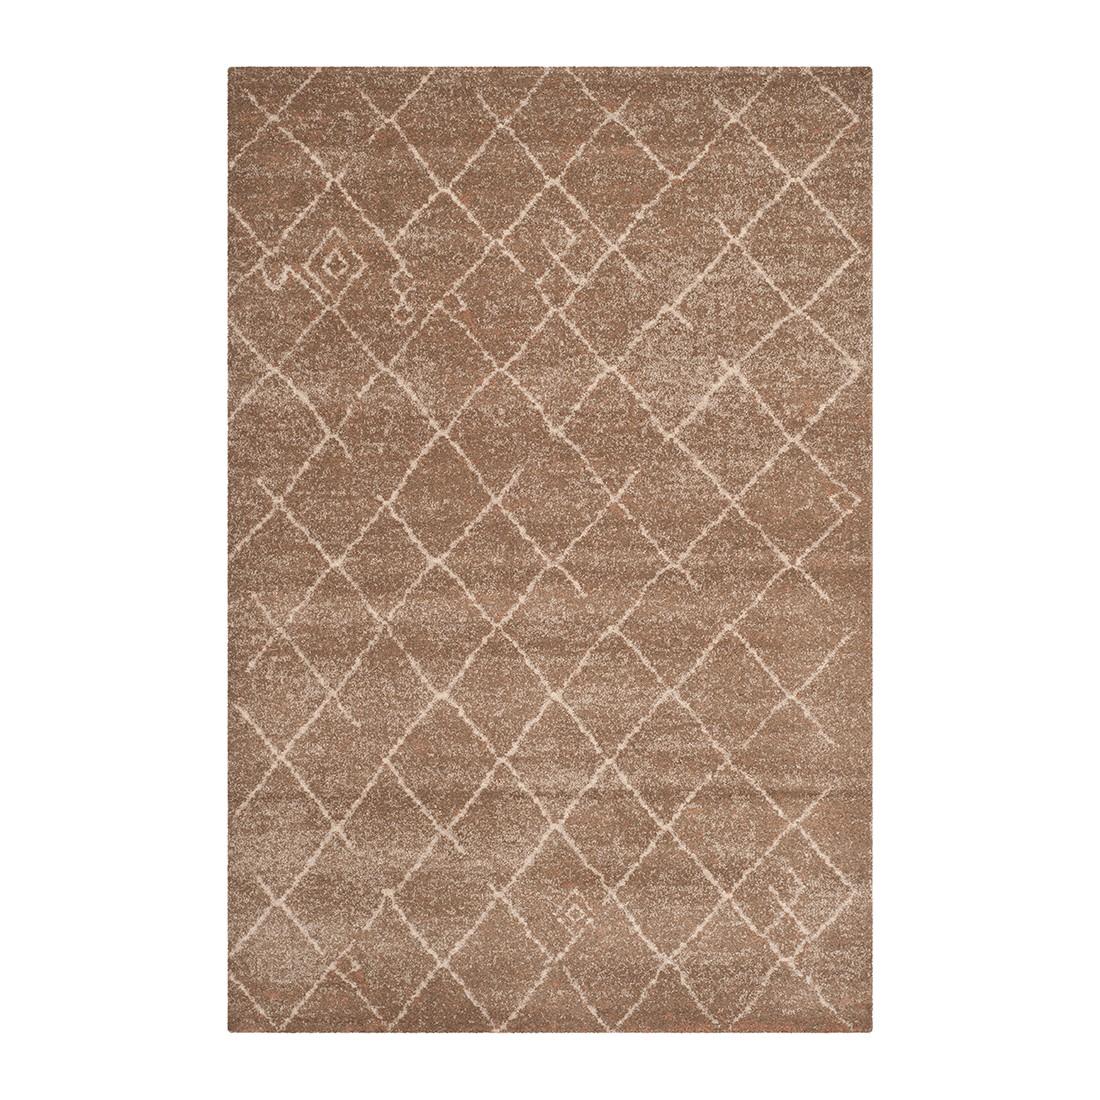 Teppich Amara – Braun – 244 x 305 cm, Safavieh jetzt bestellen